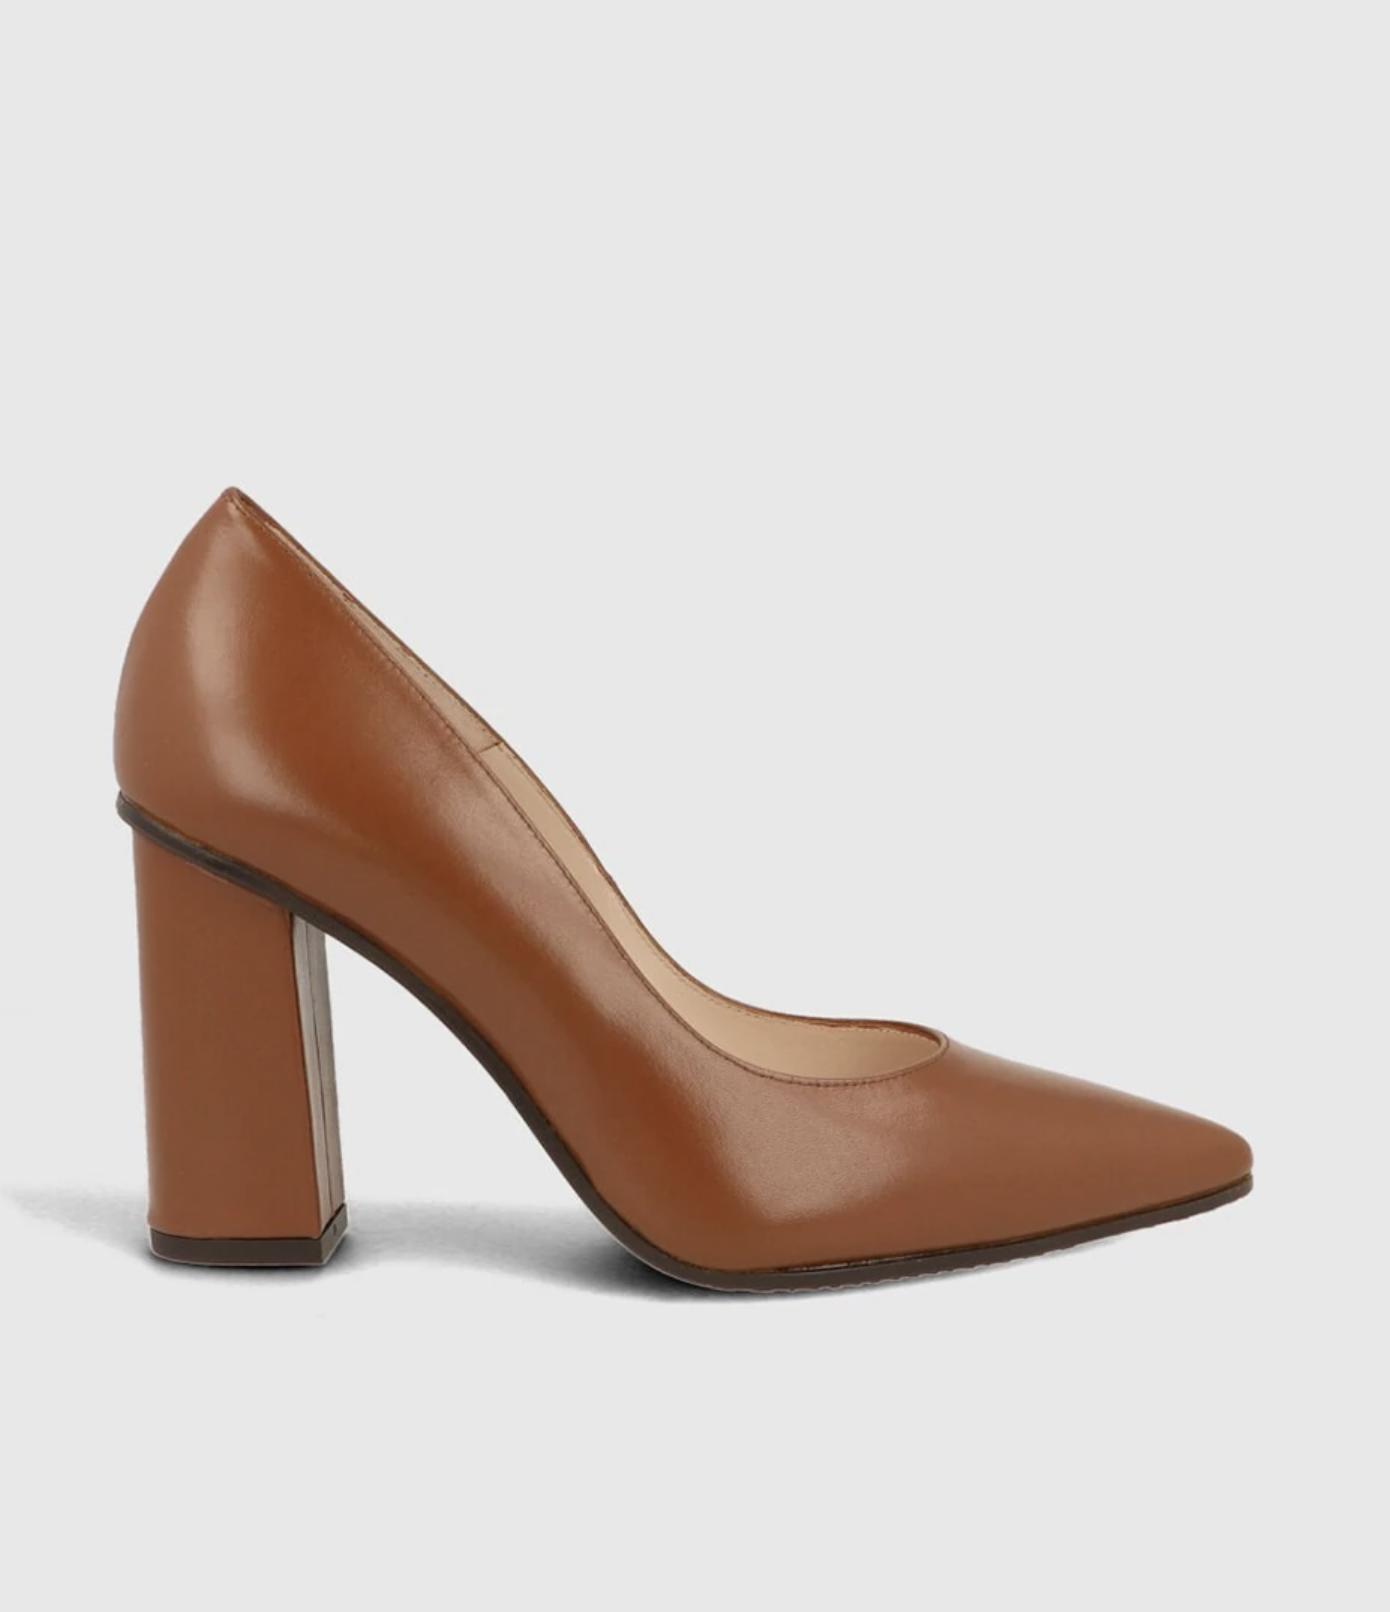 Zapatos de salón de mujer Lodi con tacón cuadrado en piel de color marrón